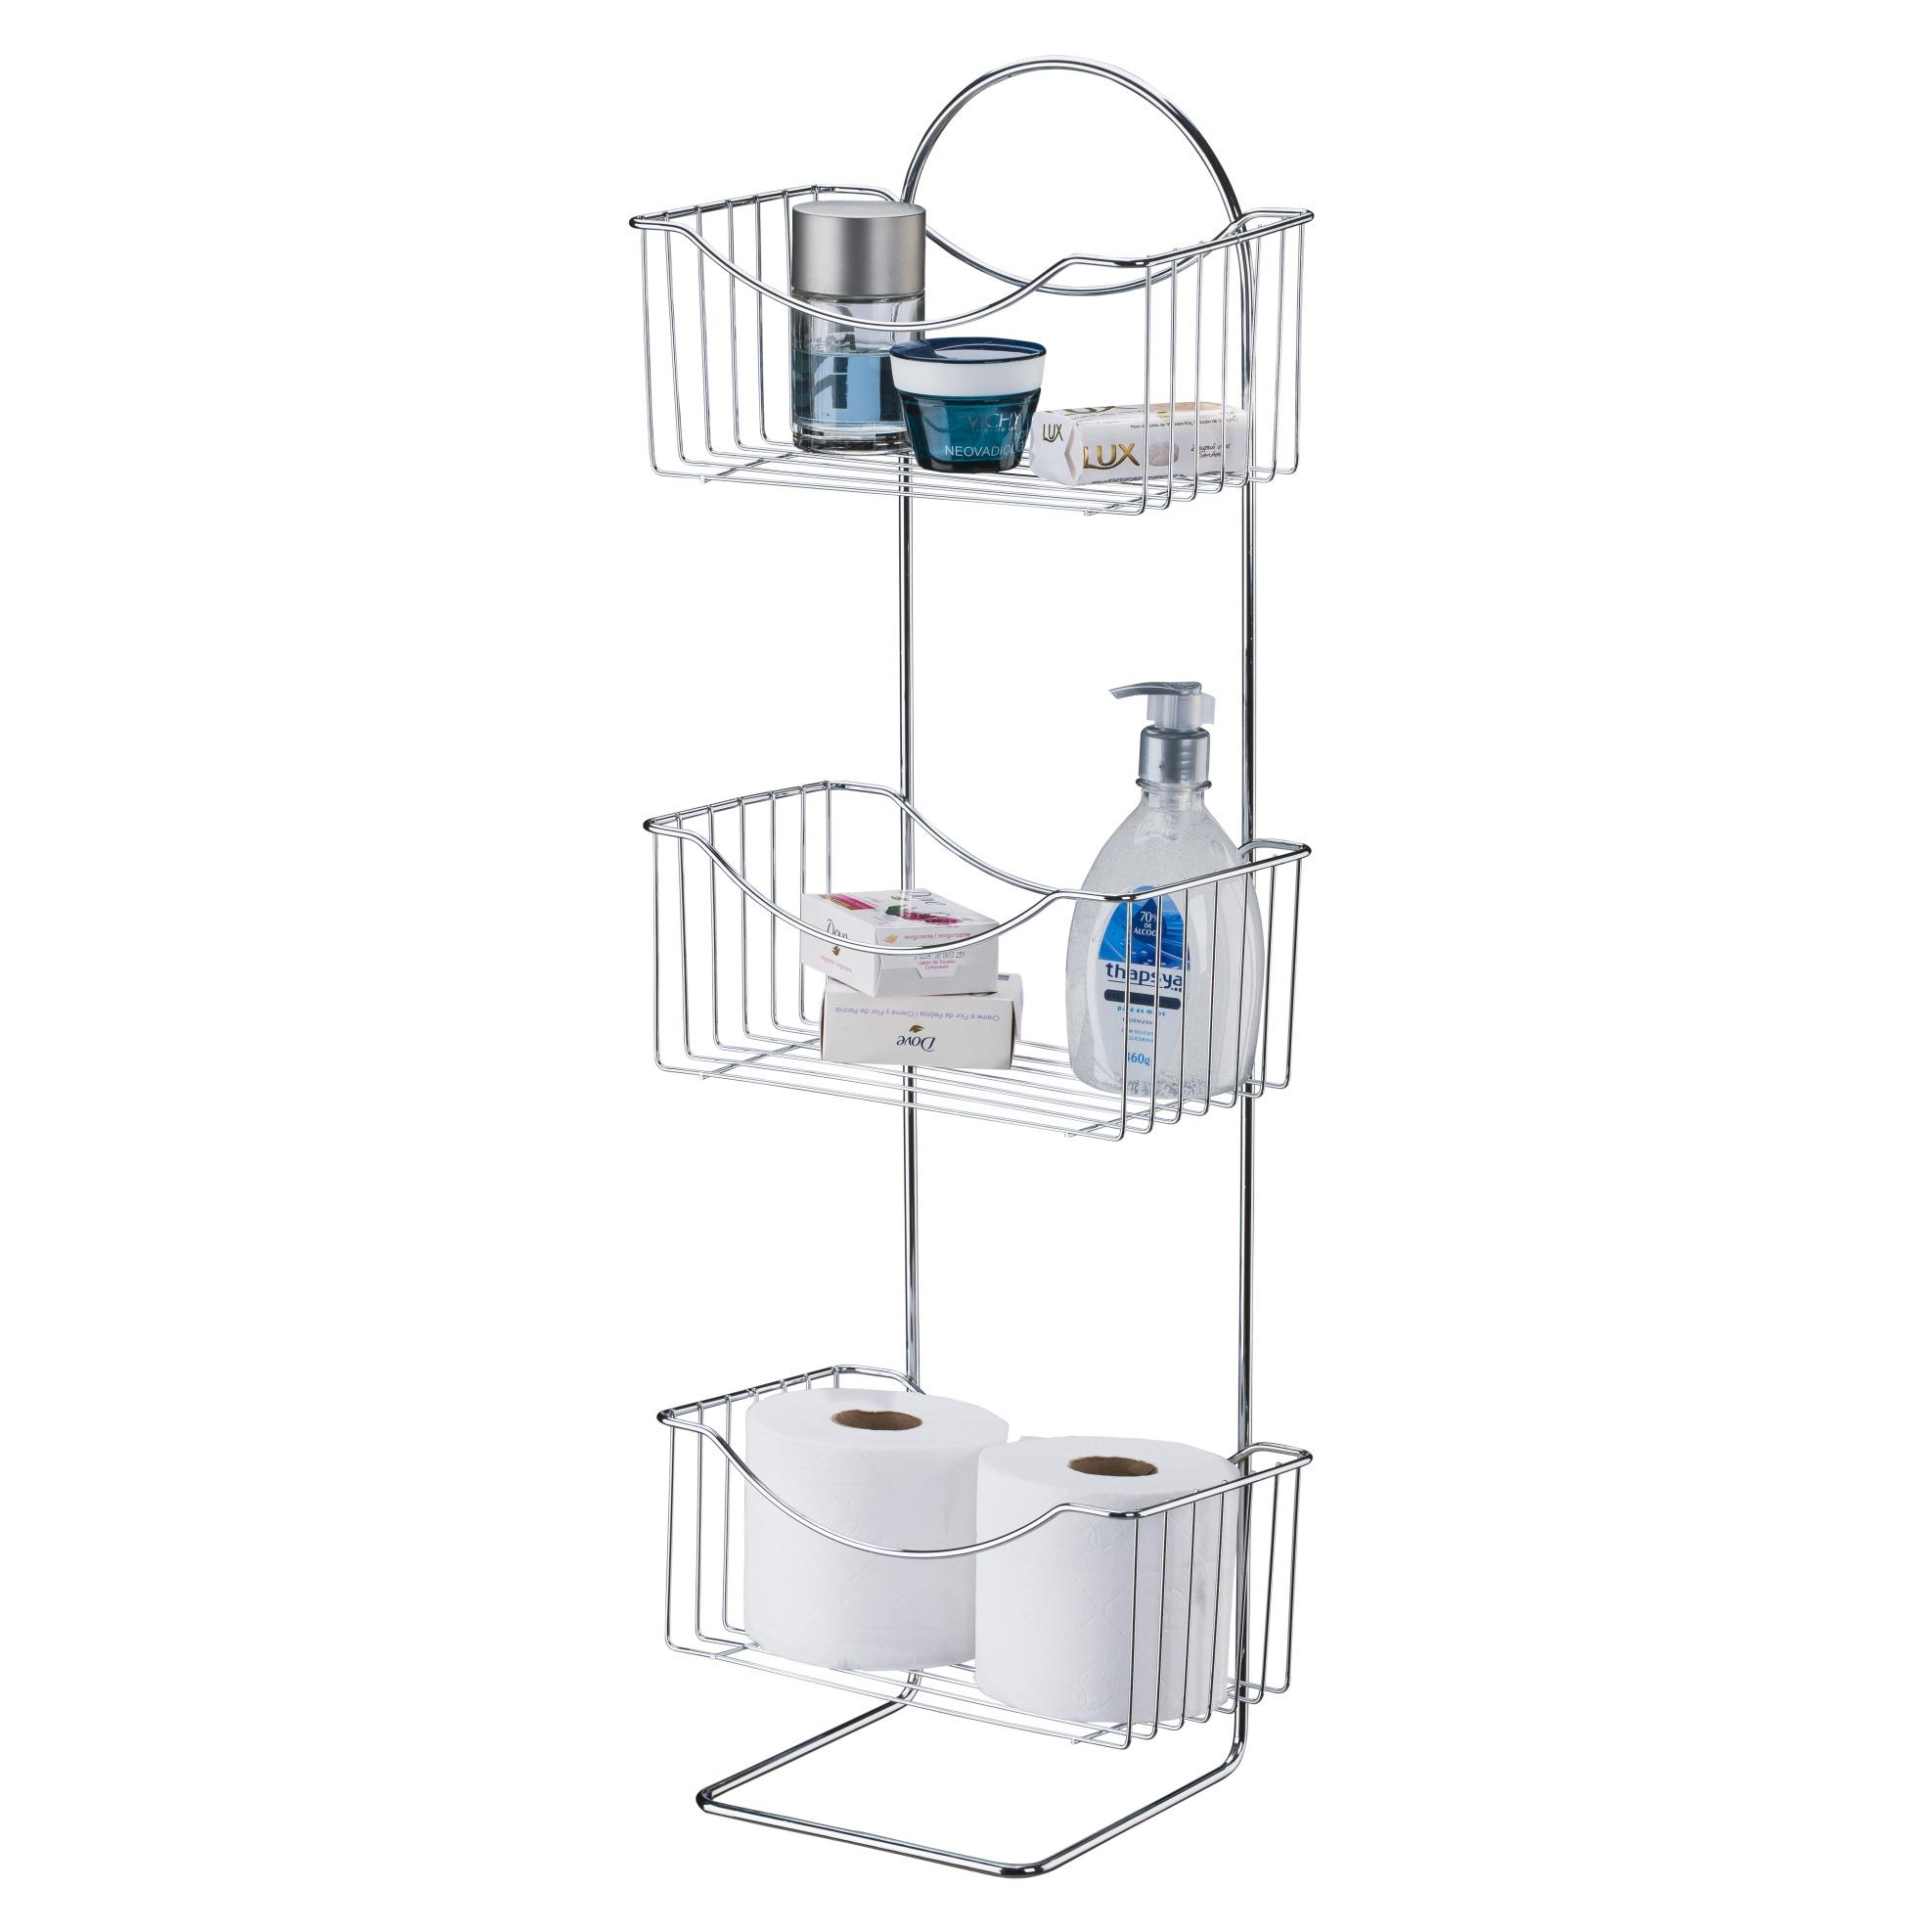 Organizador de Banheiro com 3 Prateleiras CR 451 - Utimil